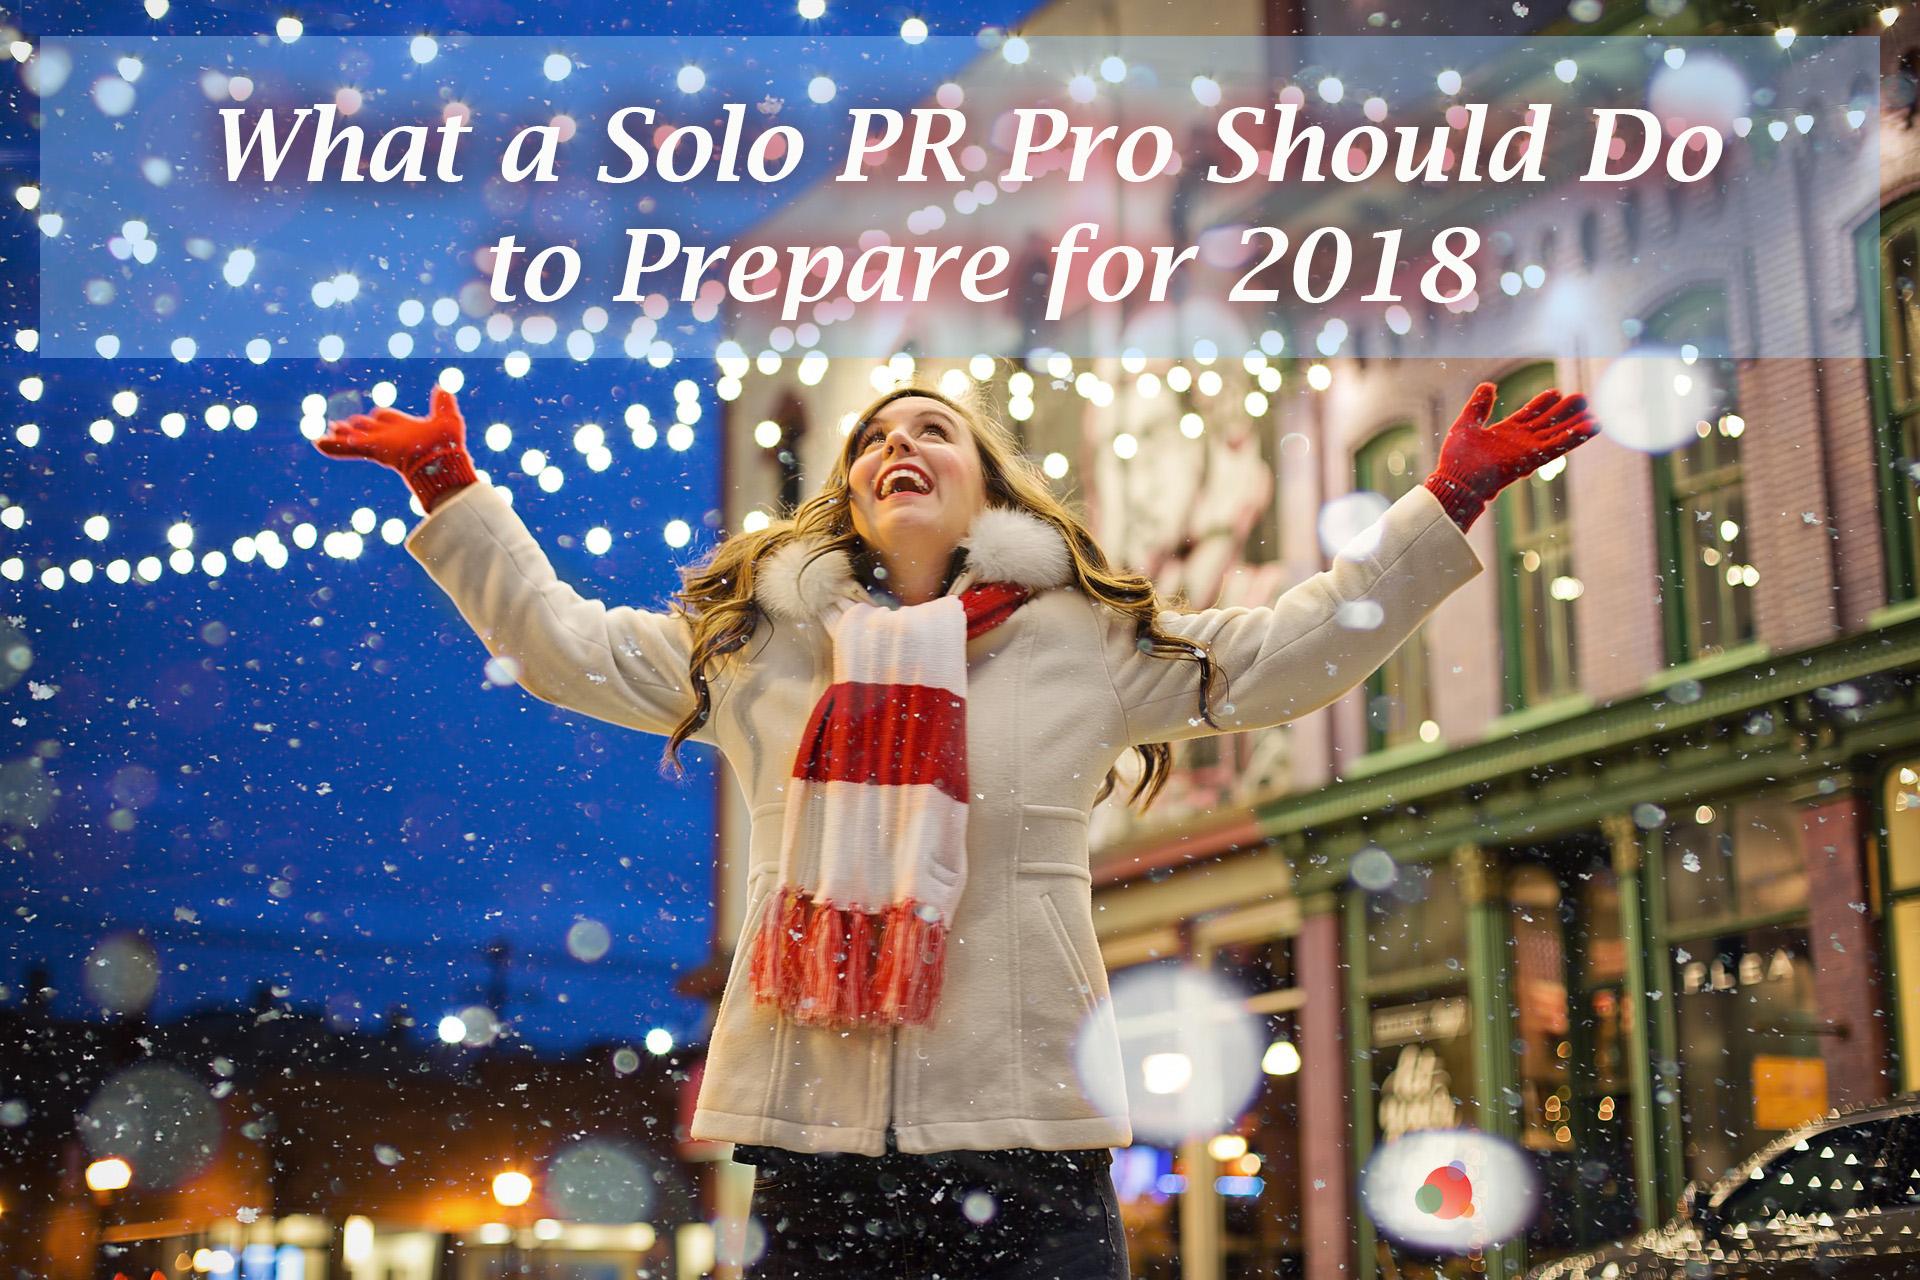 Solo PR Pro